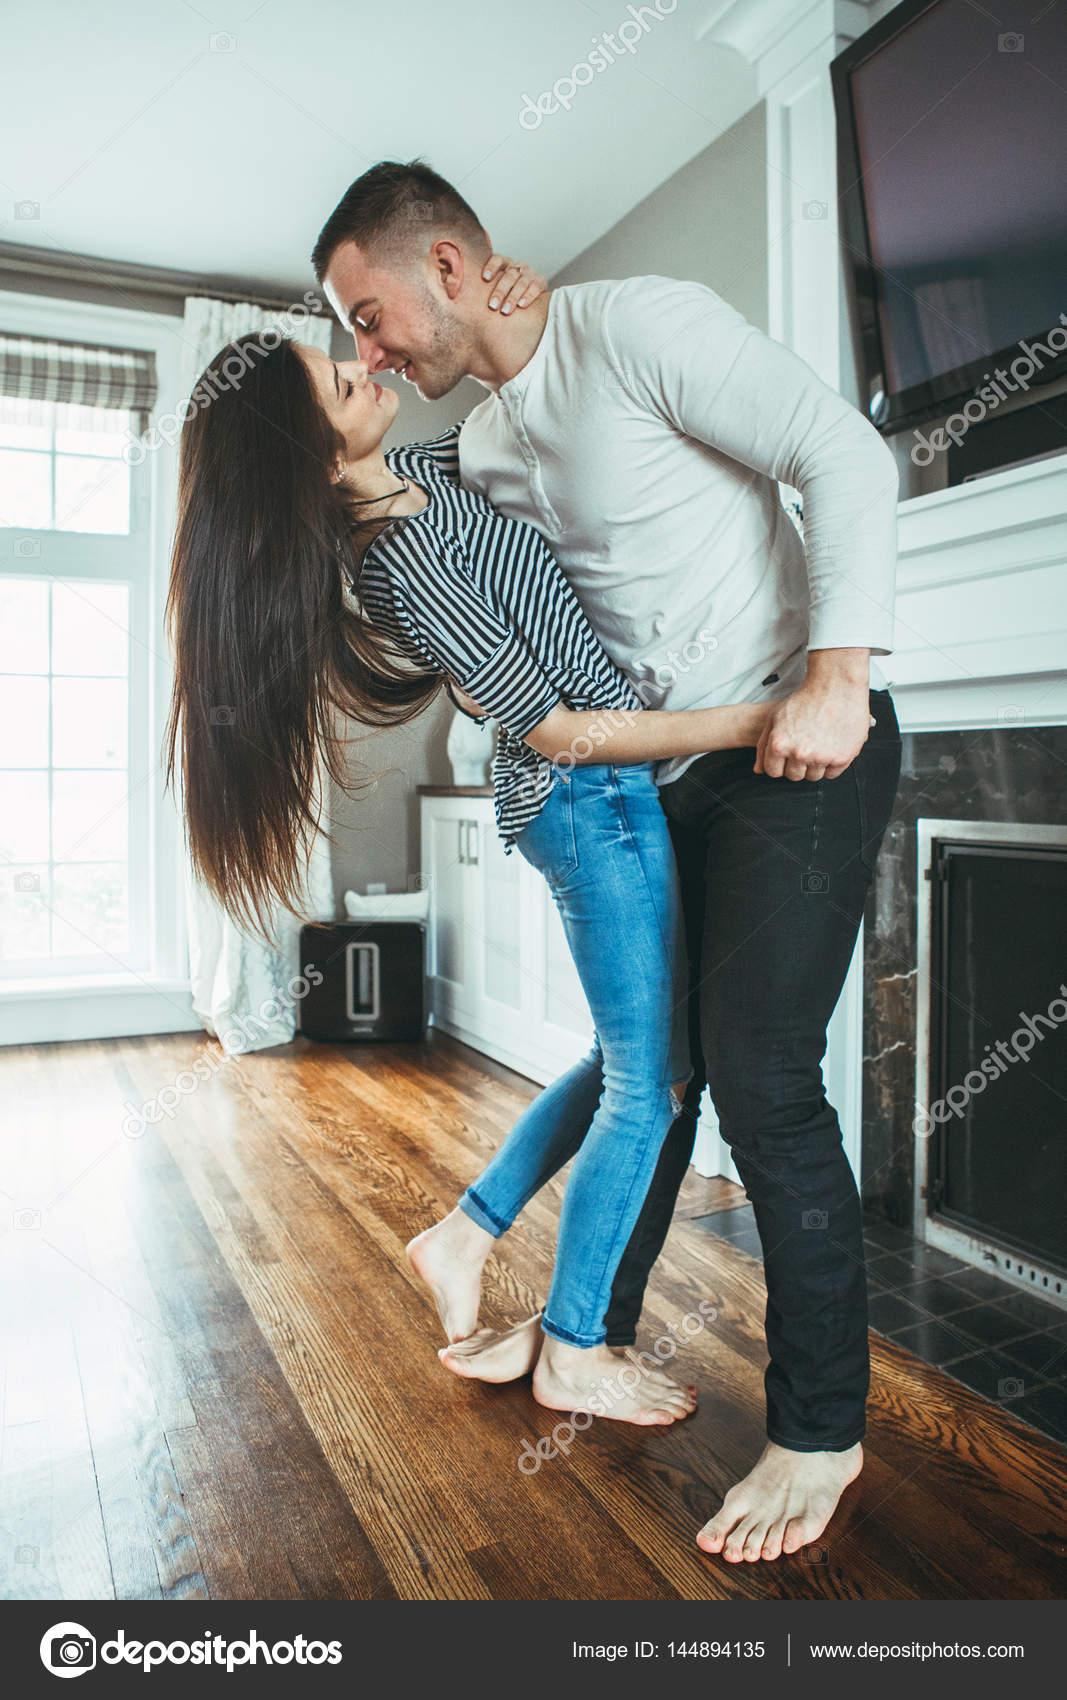 Откровенное фото женщин дома, порнуха классическое в чулках и белые трусики